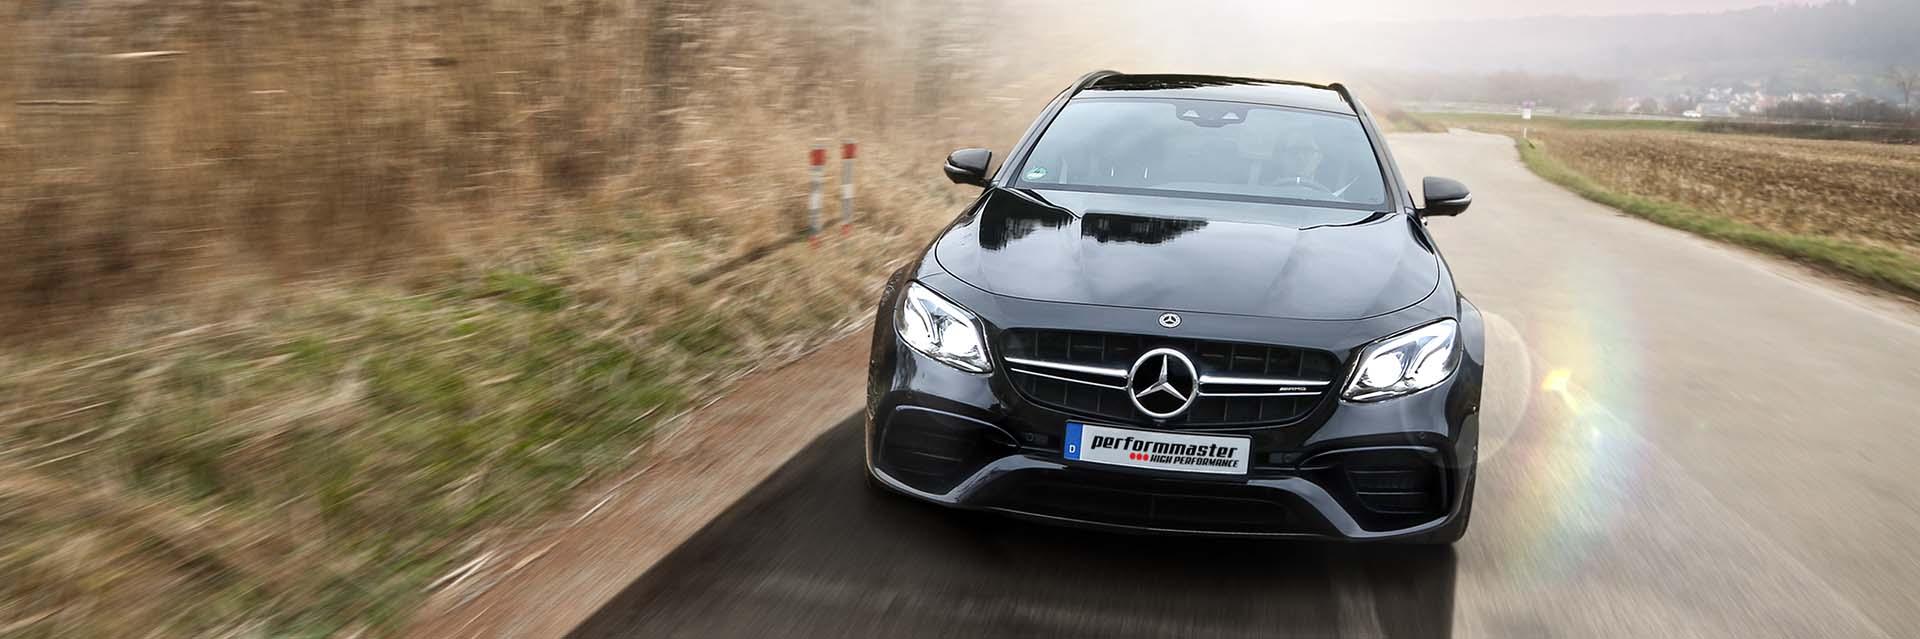 Tuning Mercedes E63 AMG W213